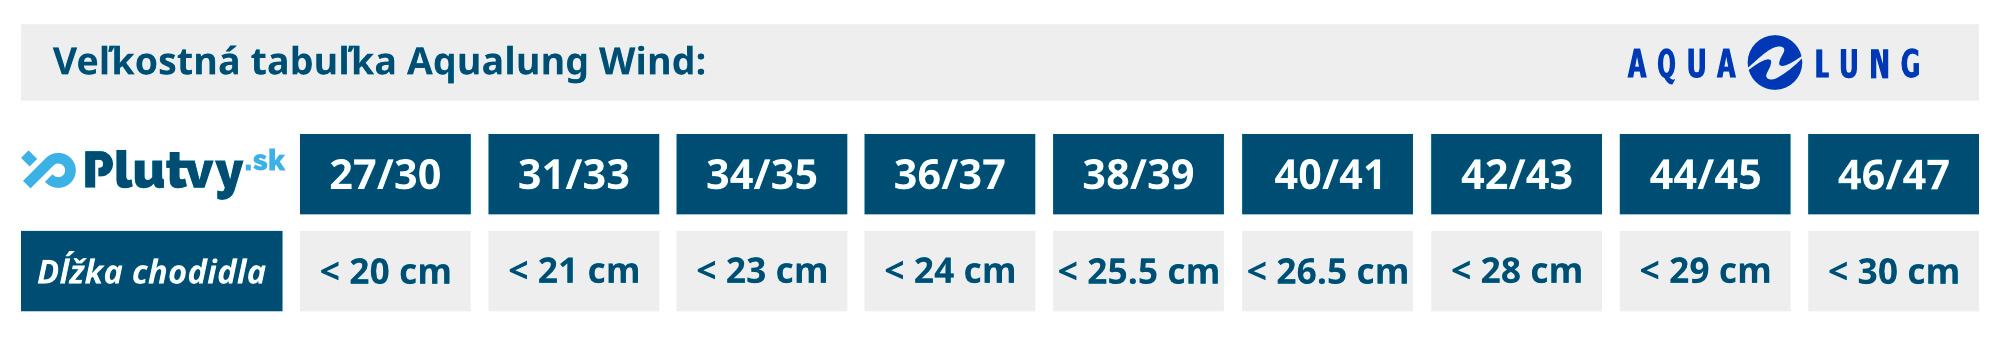 Tabuľka veľkosti detských plutiev Aqualung Wind v eshope Plutvy.sk